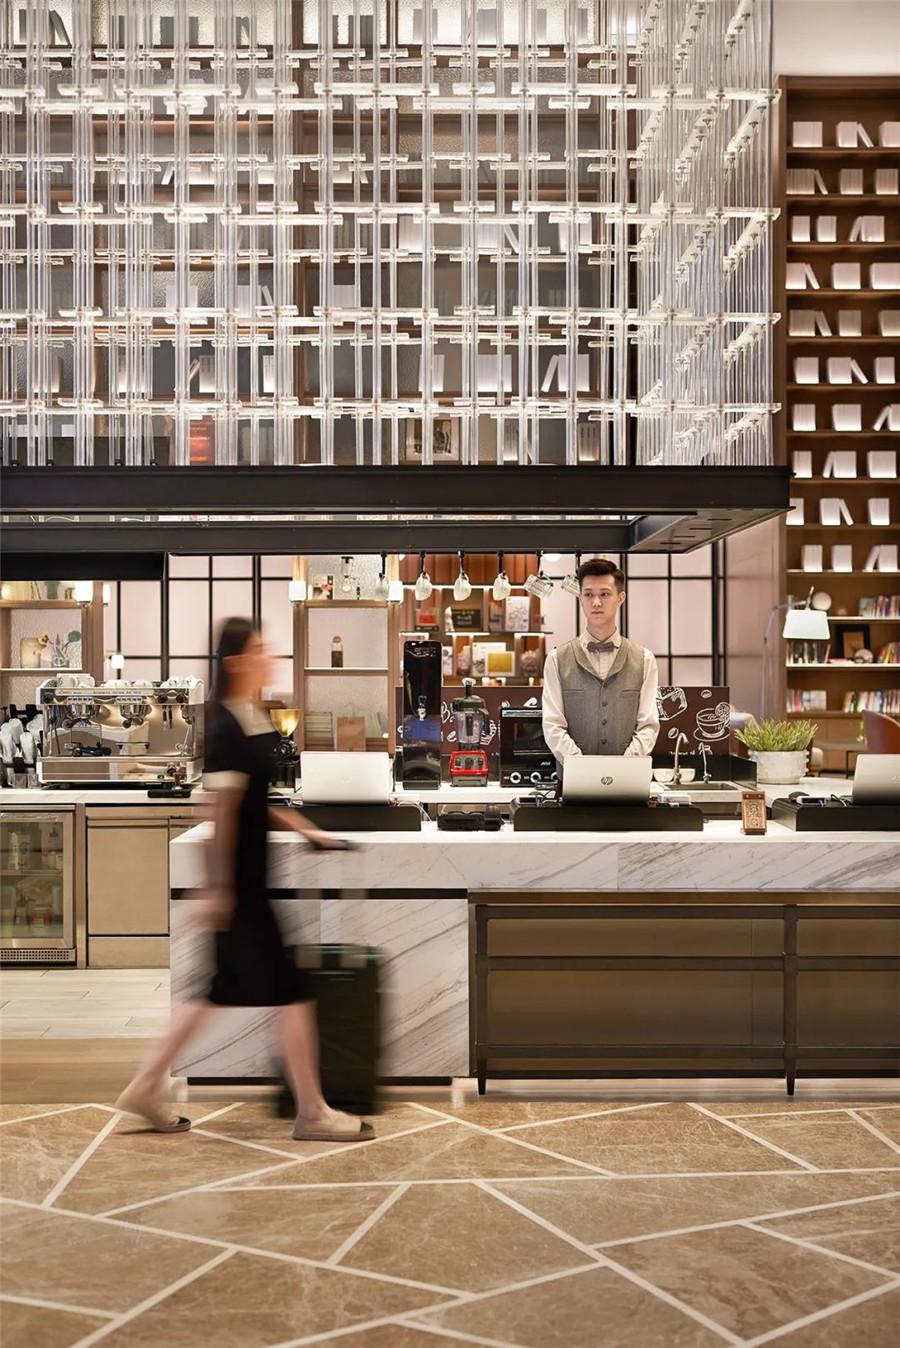 酒店坪效设计:如何挖掘酒店大堂的附加价值